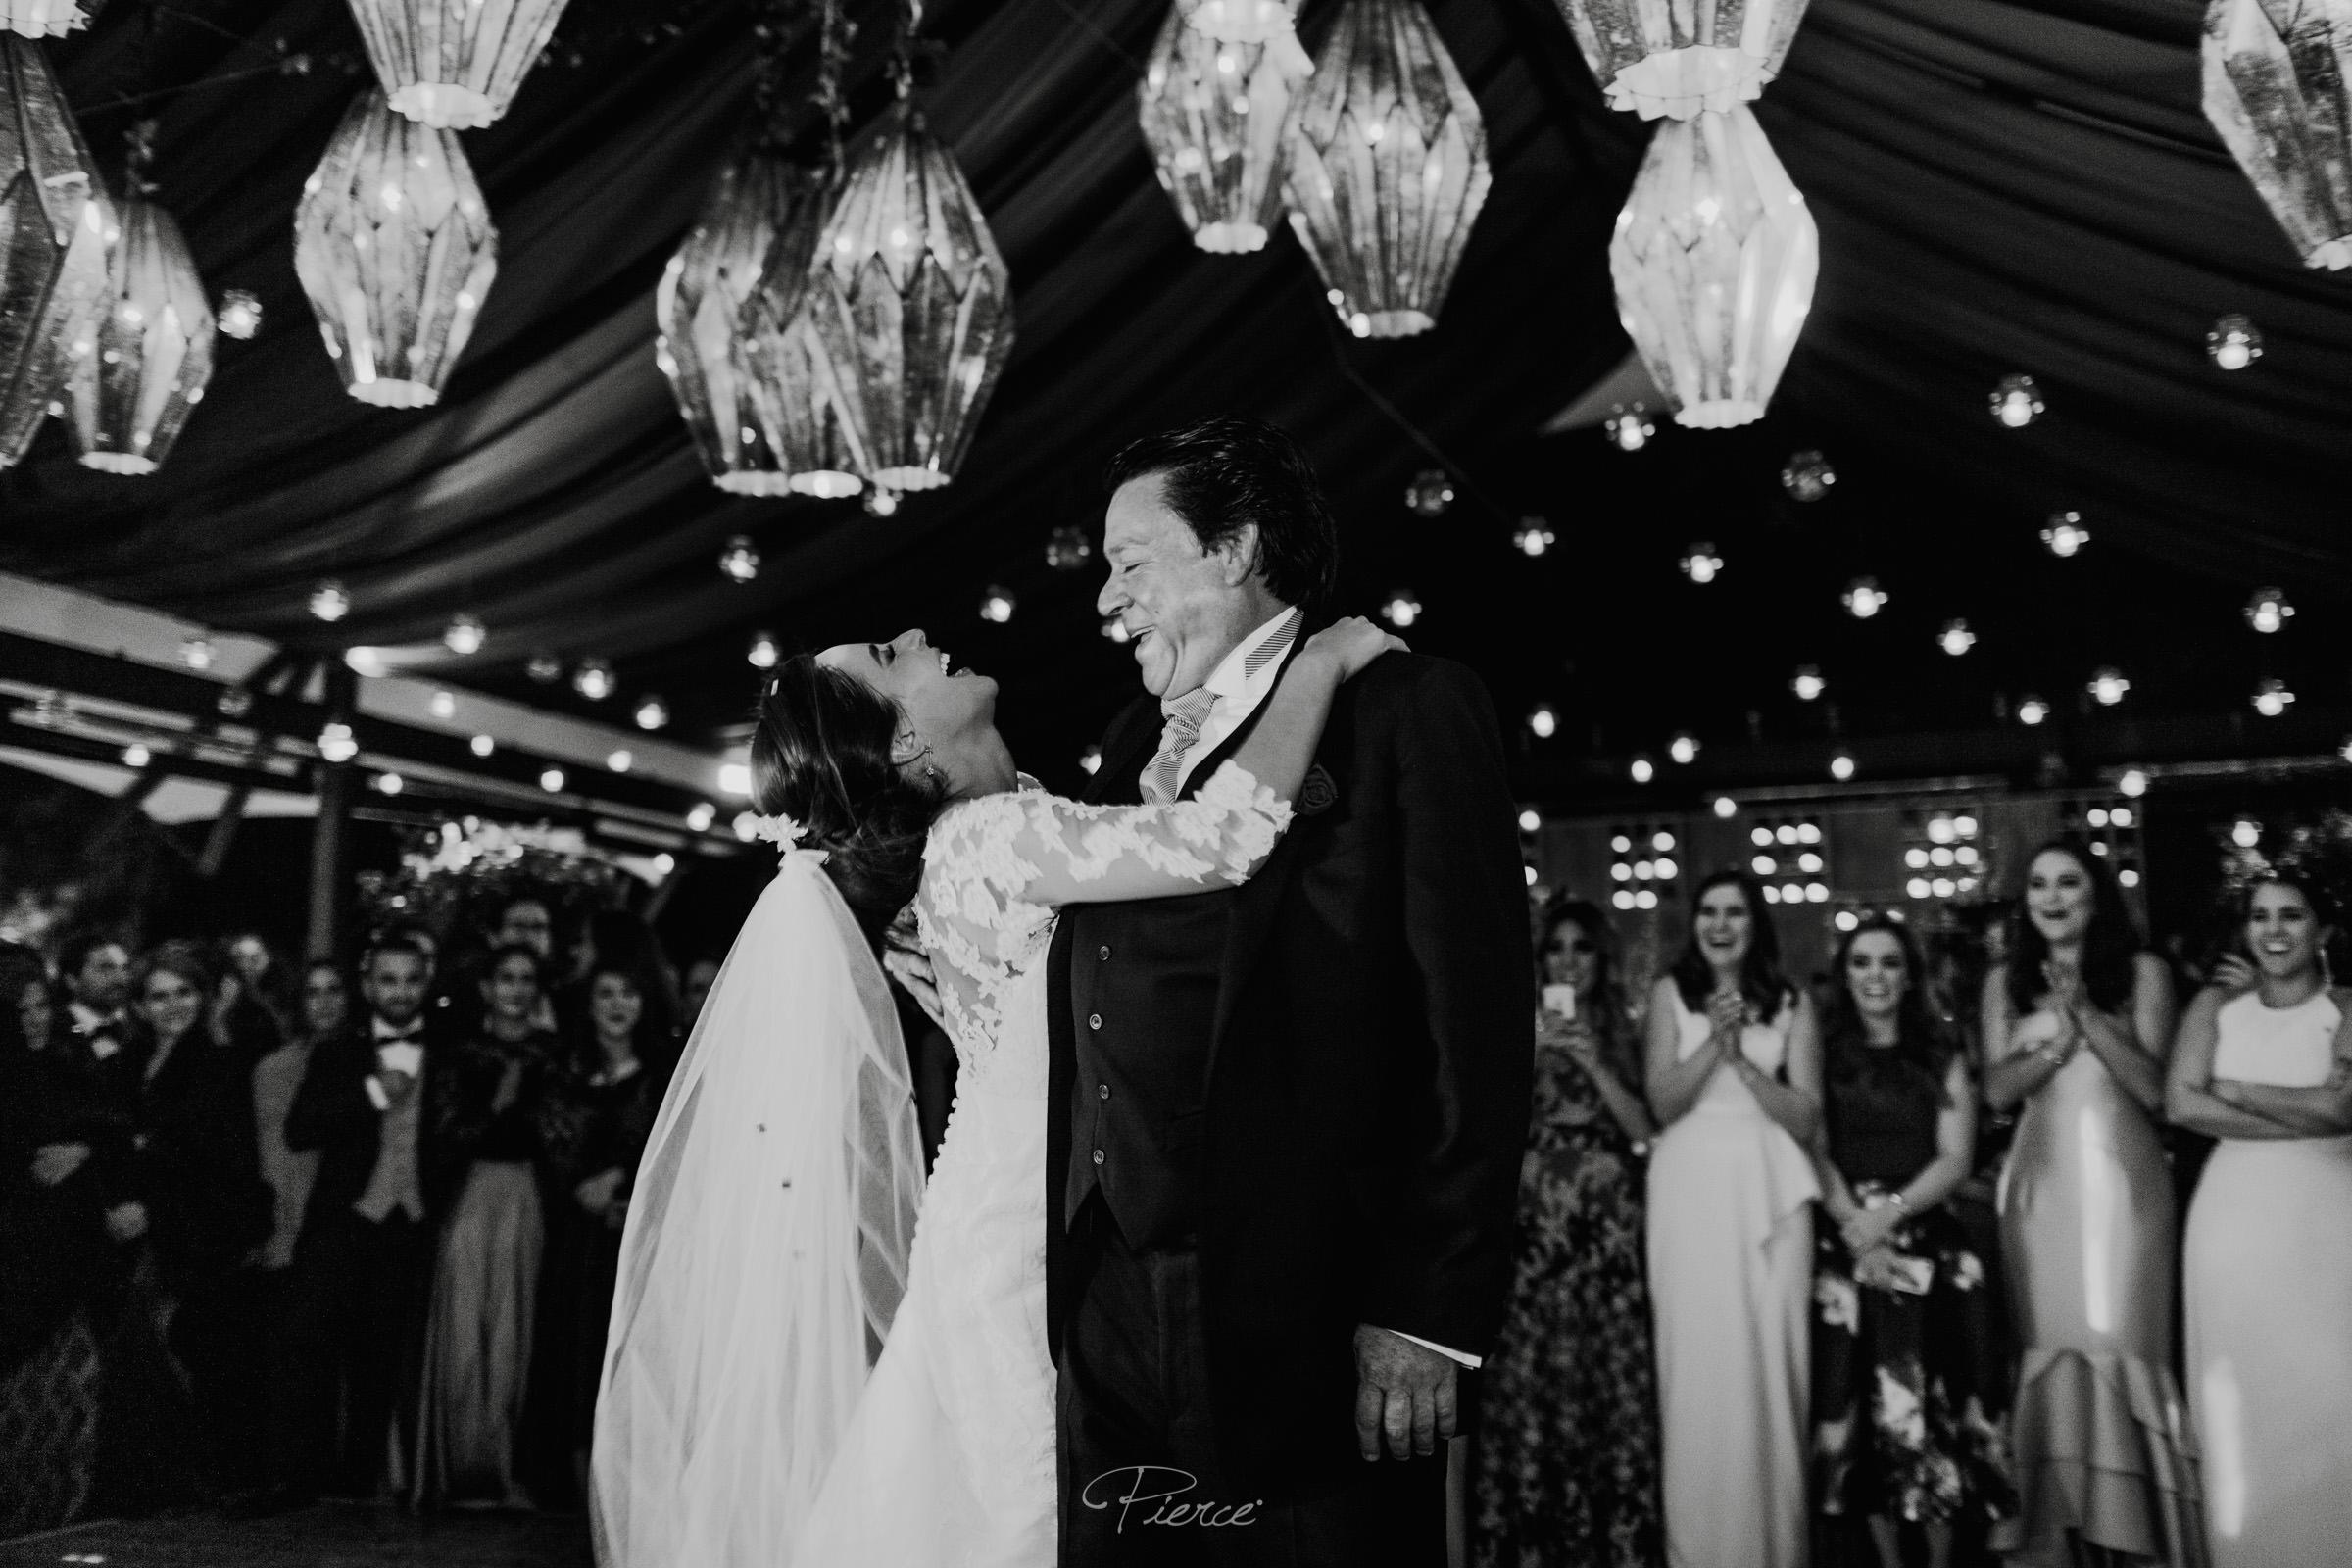 fotografia-de-boda-valle-de-bravo-mexico-rosmarino-pierce-weddings-0183.JPG